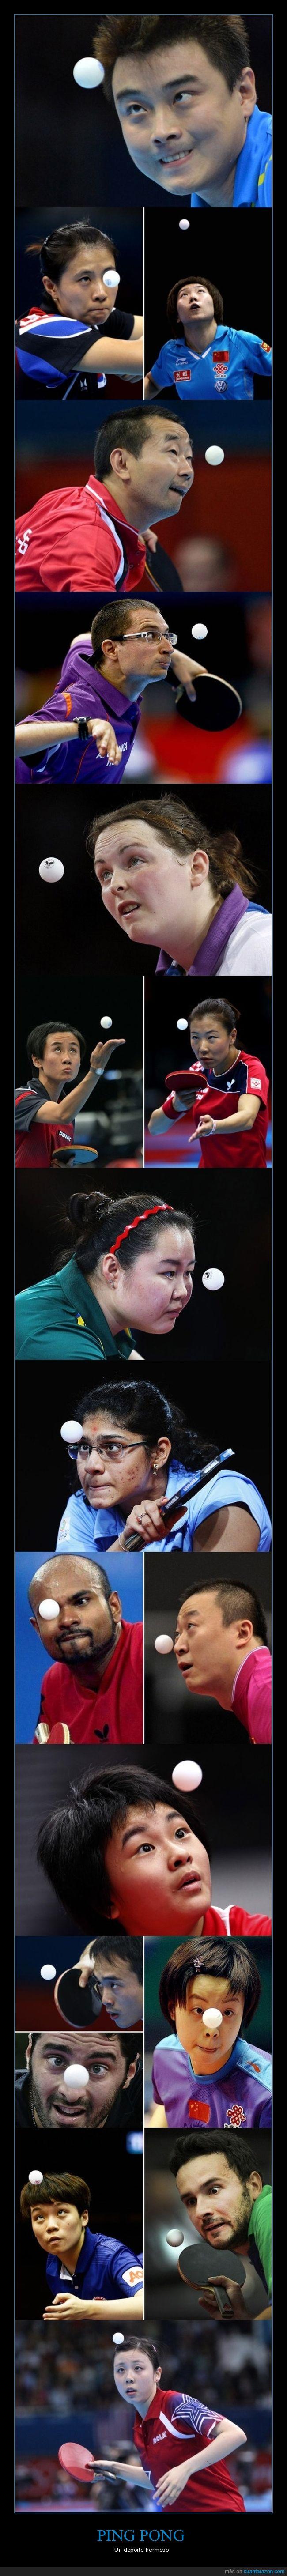 caras,momento exacto,ping pong